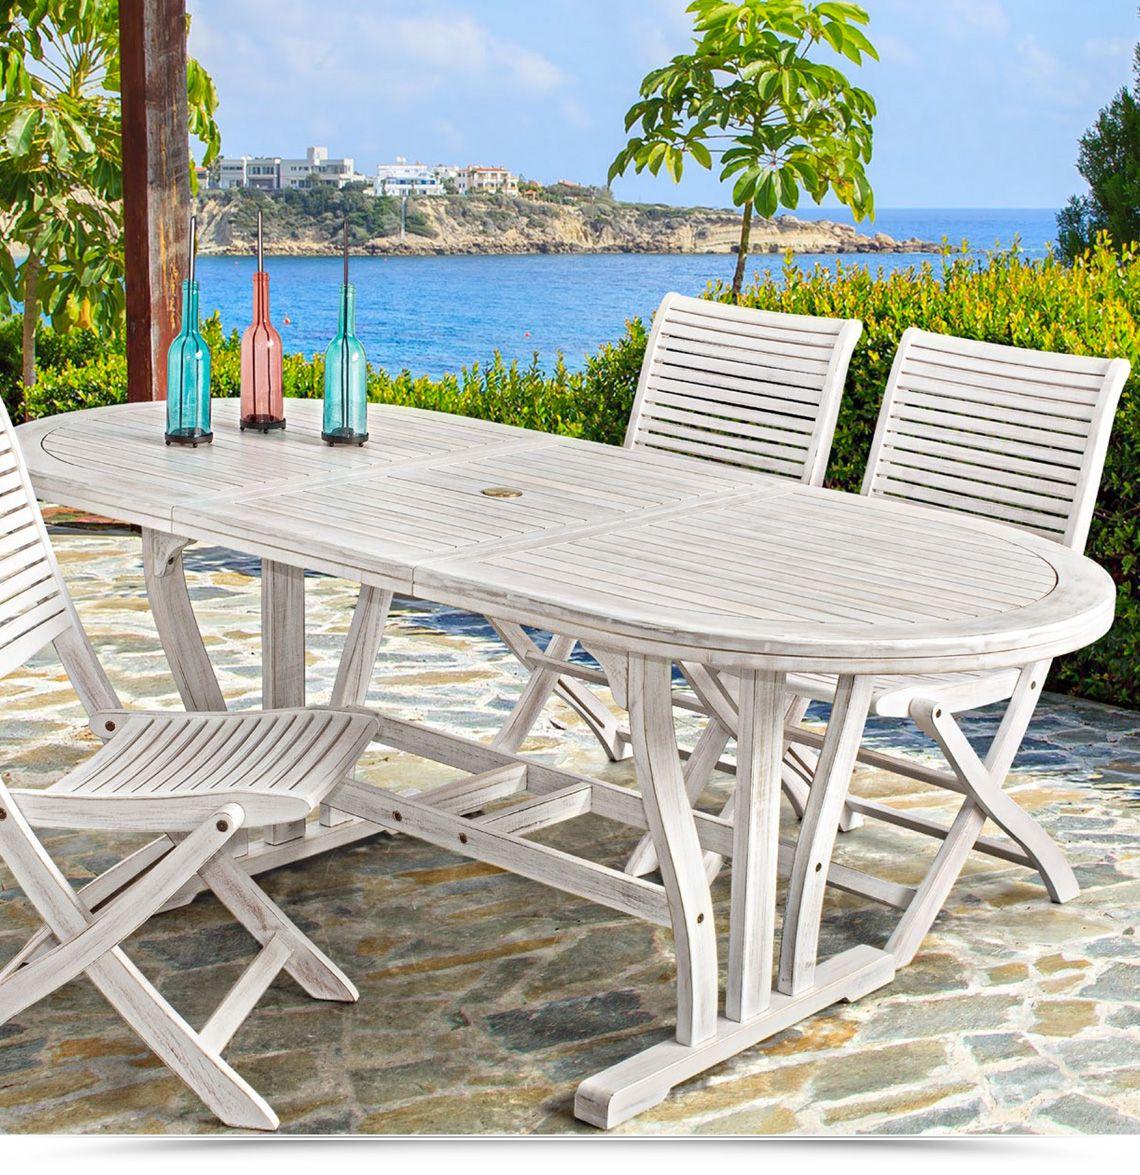 Tavoli da terrazzo cerca con google allestimento balcone e giardino pinterest searching - Tavoli da terrazzo ikea ...